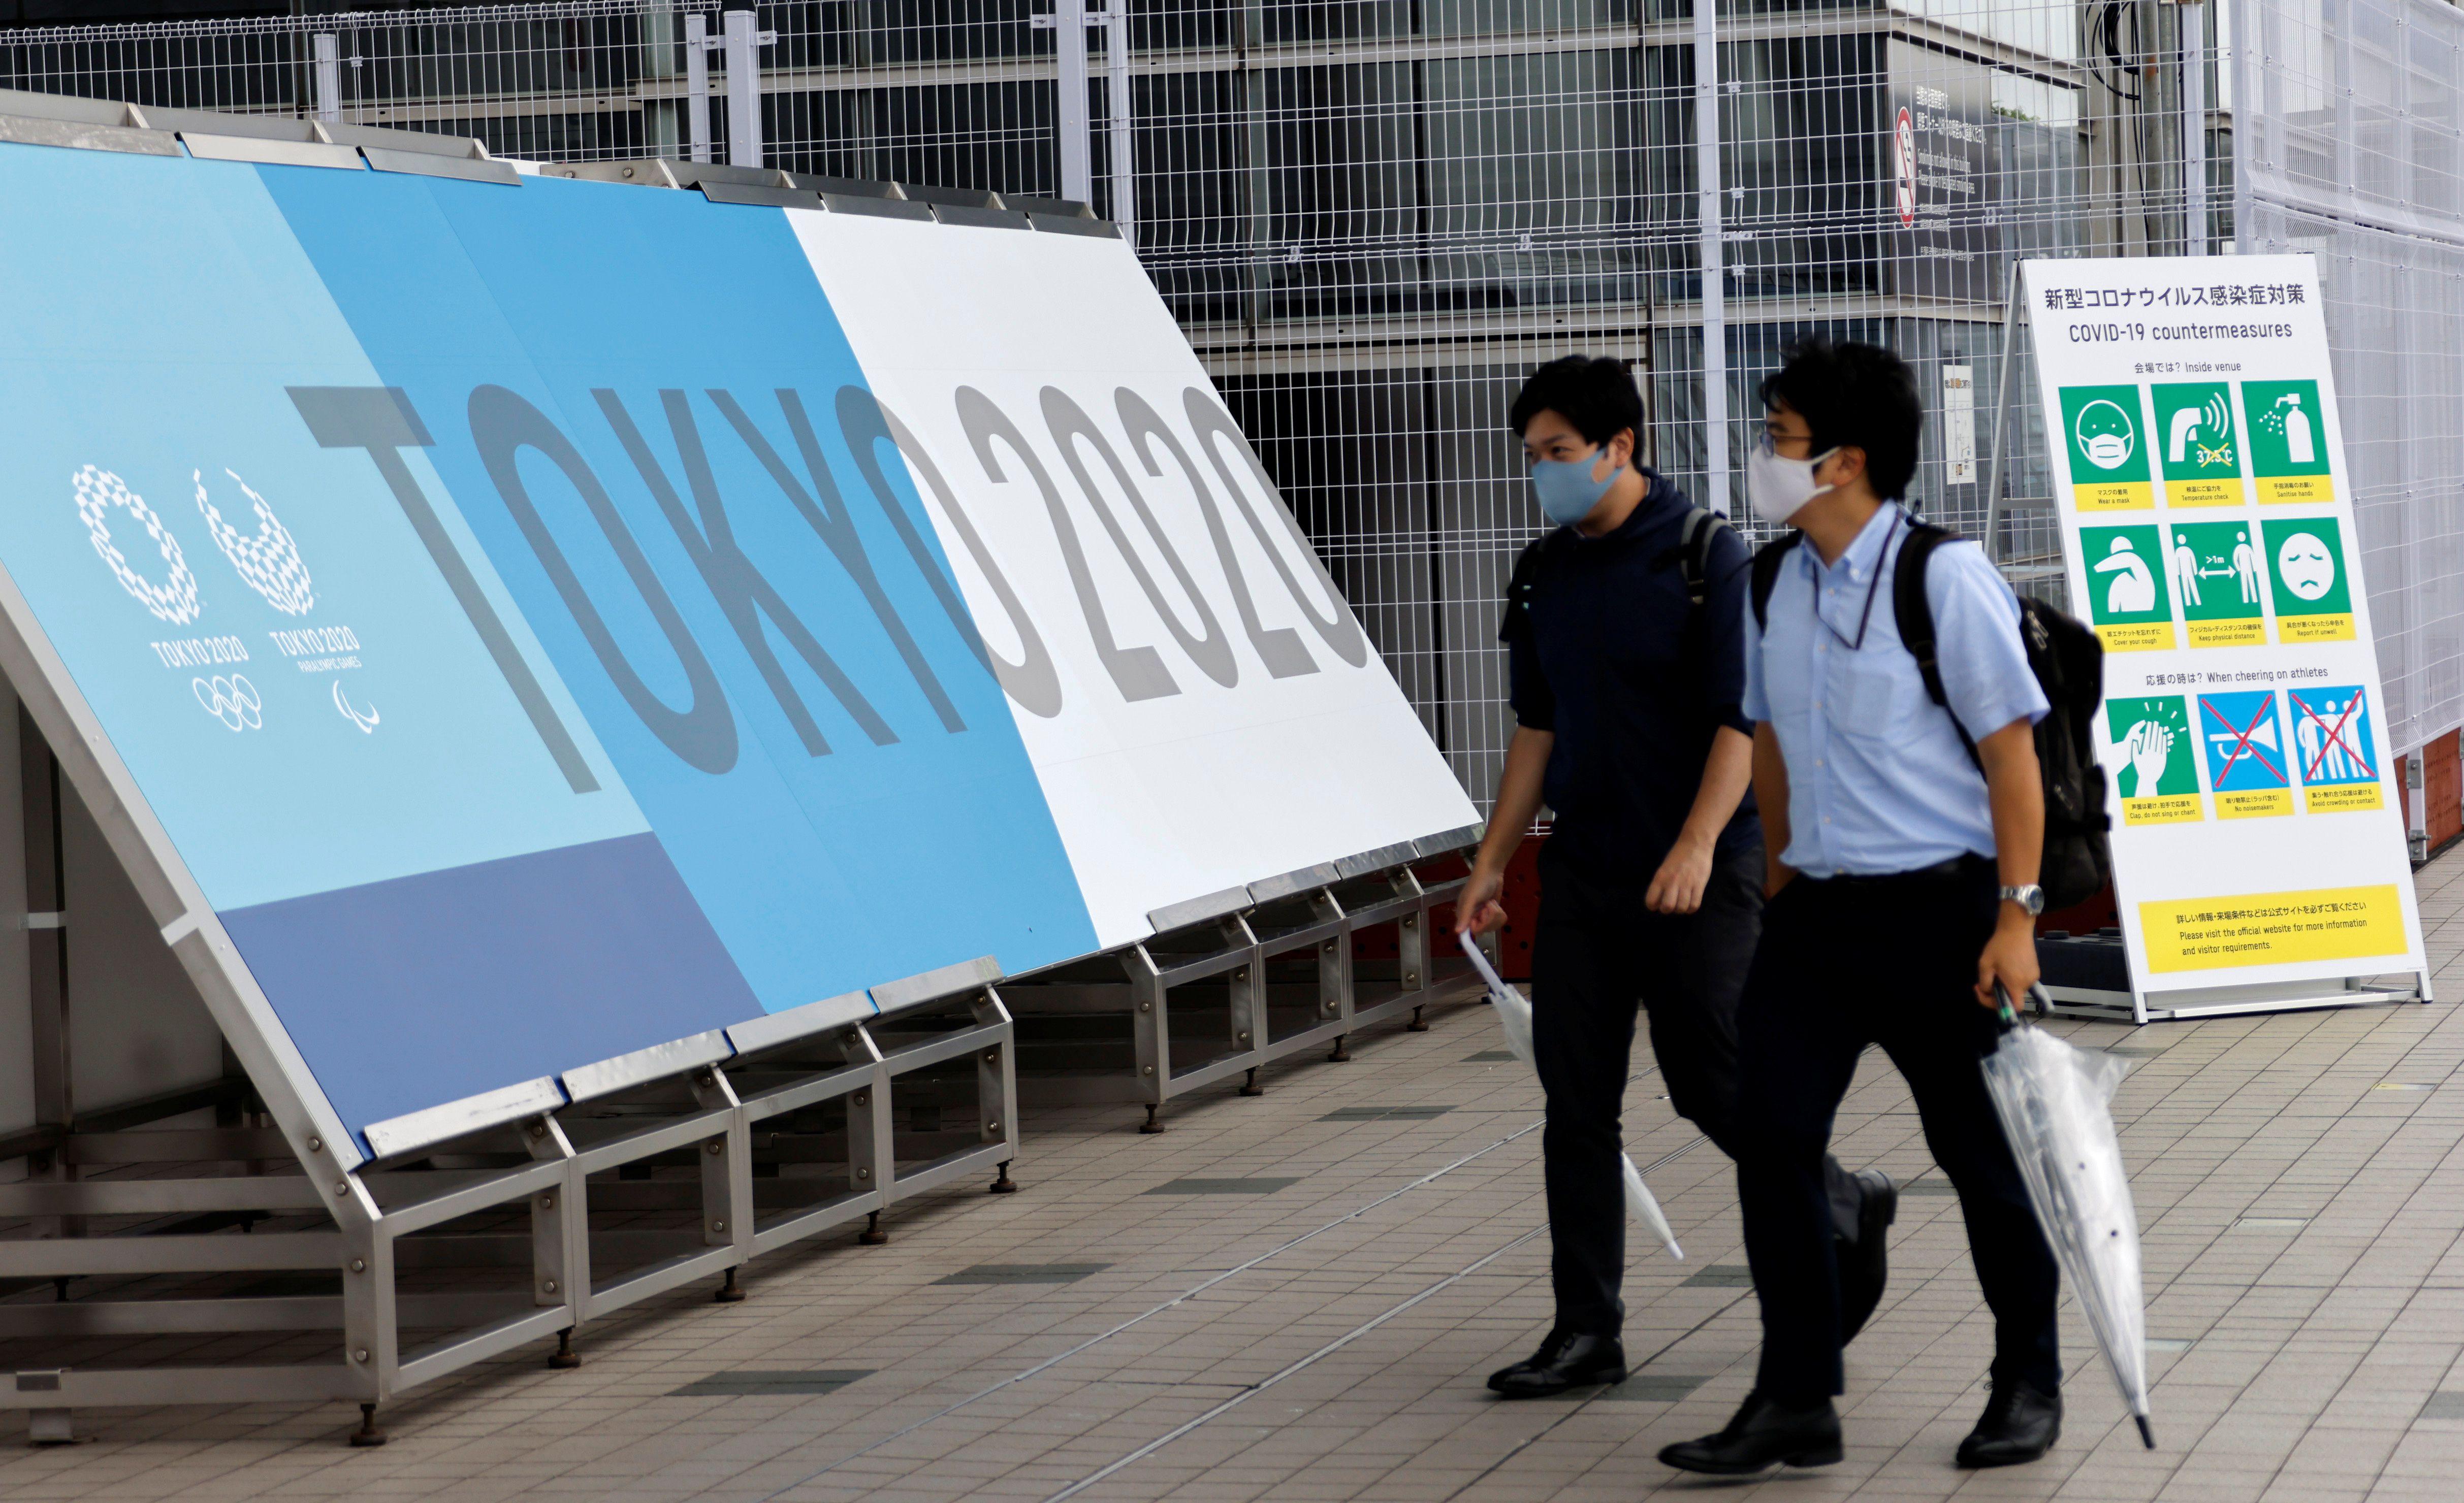 До момента няма случаи на сериозно заболели от коронавирус на Олимпийските игри